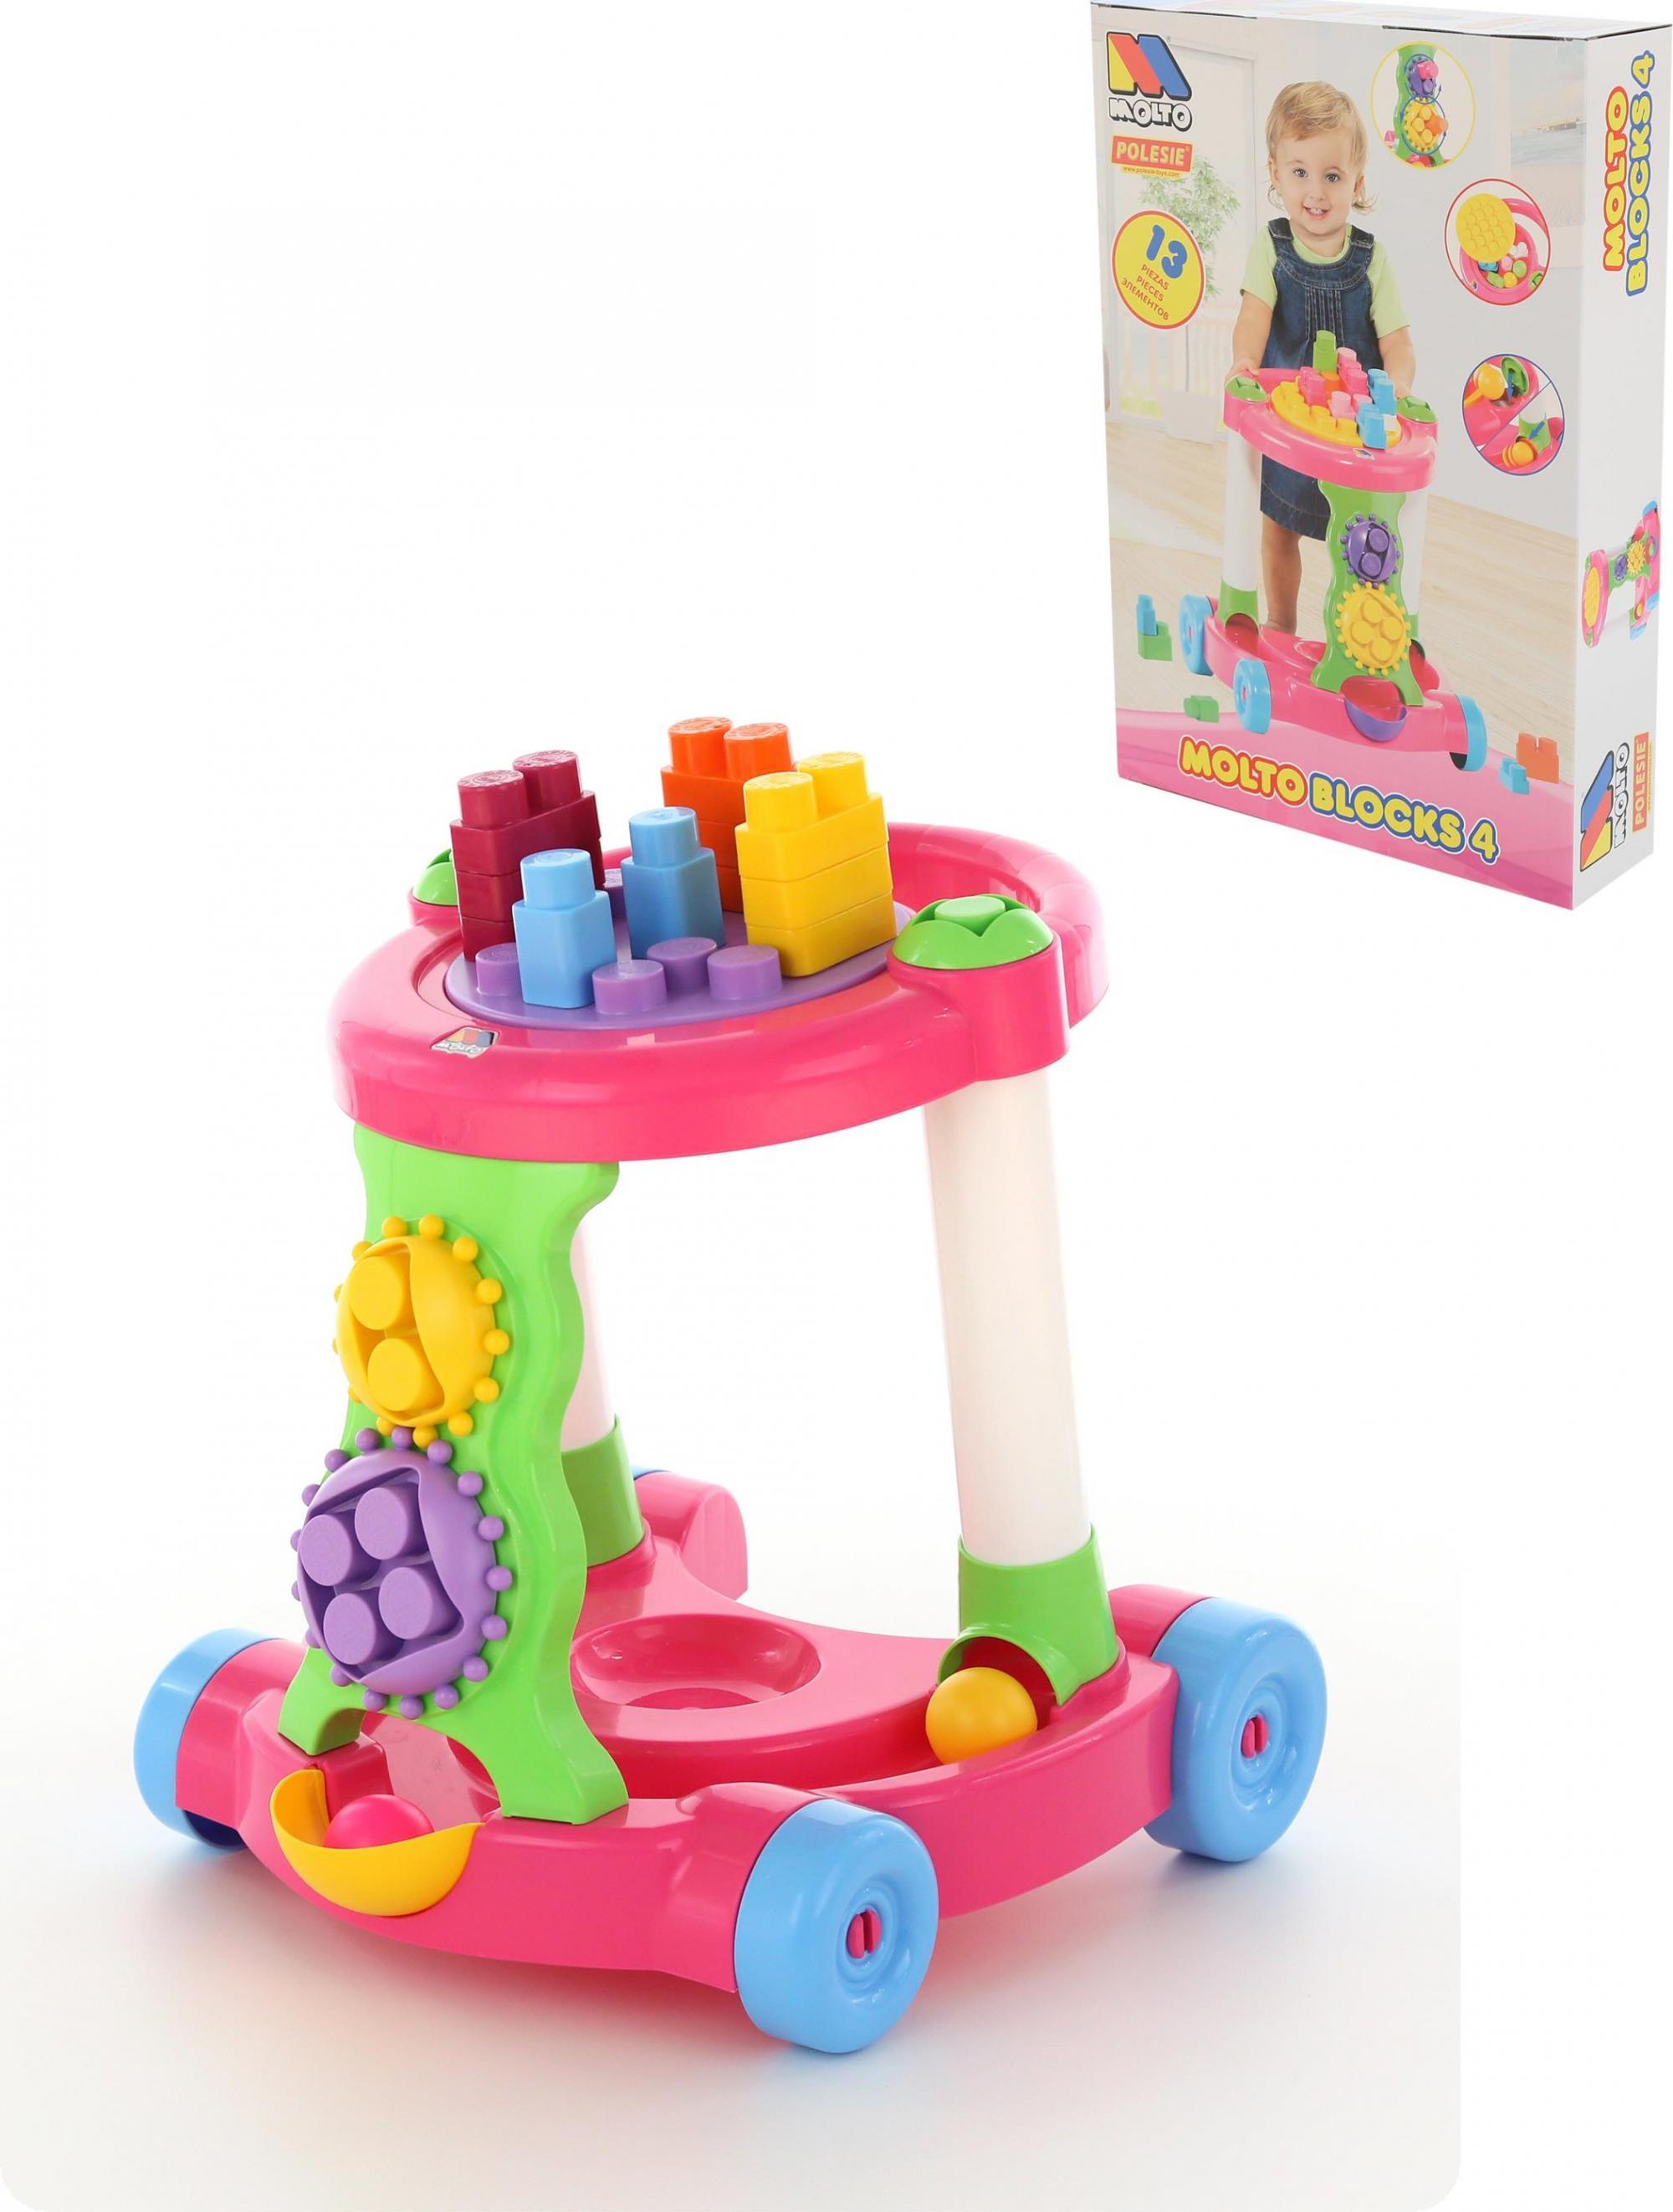 Каталка игровая с конструктором, розоваяХодунки<br>Каталка игровая с конструктором, розовая<br>